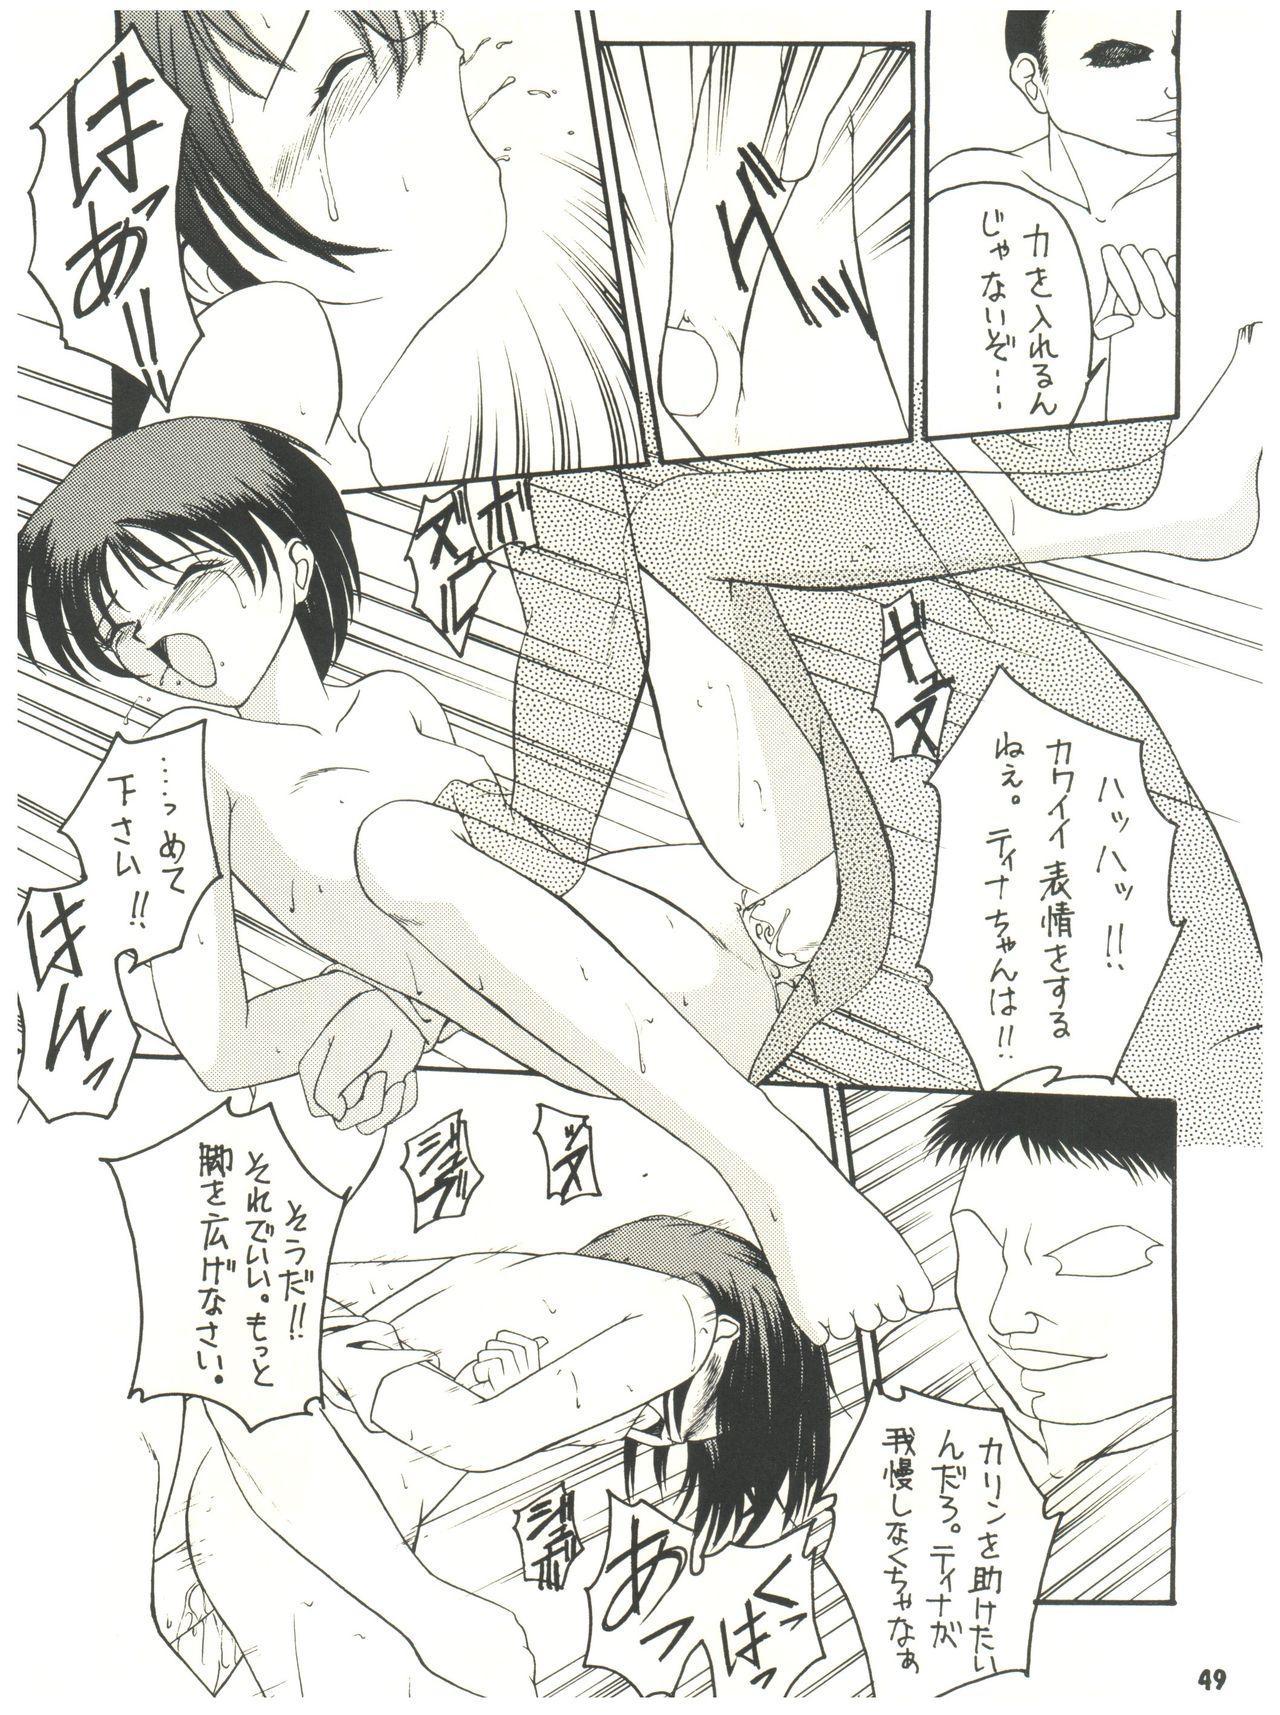 [Sairo Publishing (J. Sairo) En-Jack 2 (Various) 48